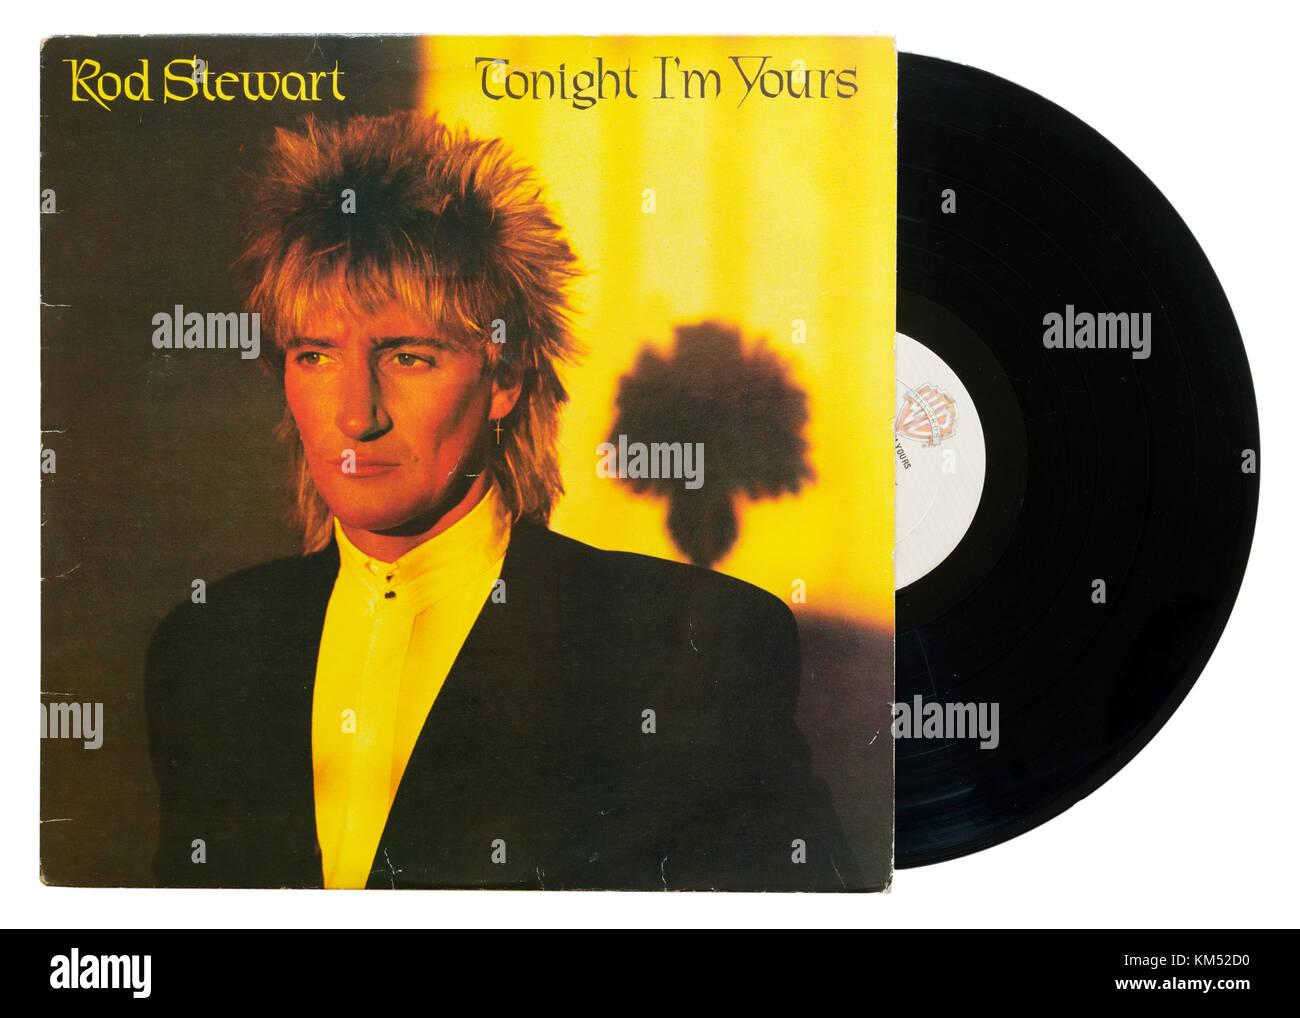 Rod Stewart Tonight I'm Yours album - Stock Image